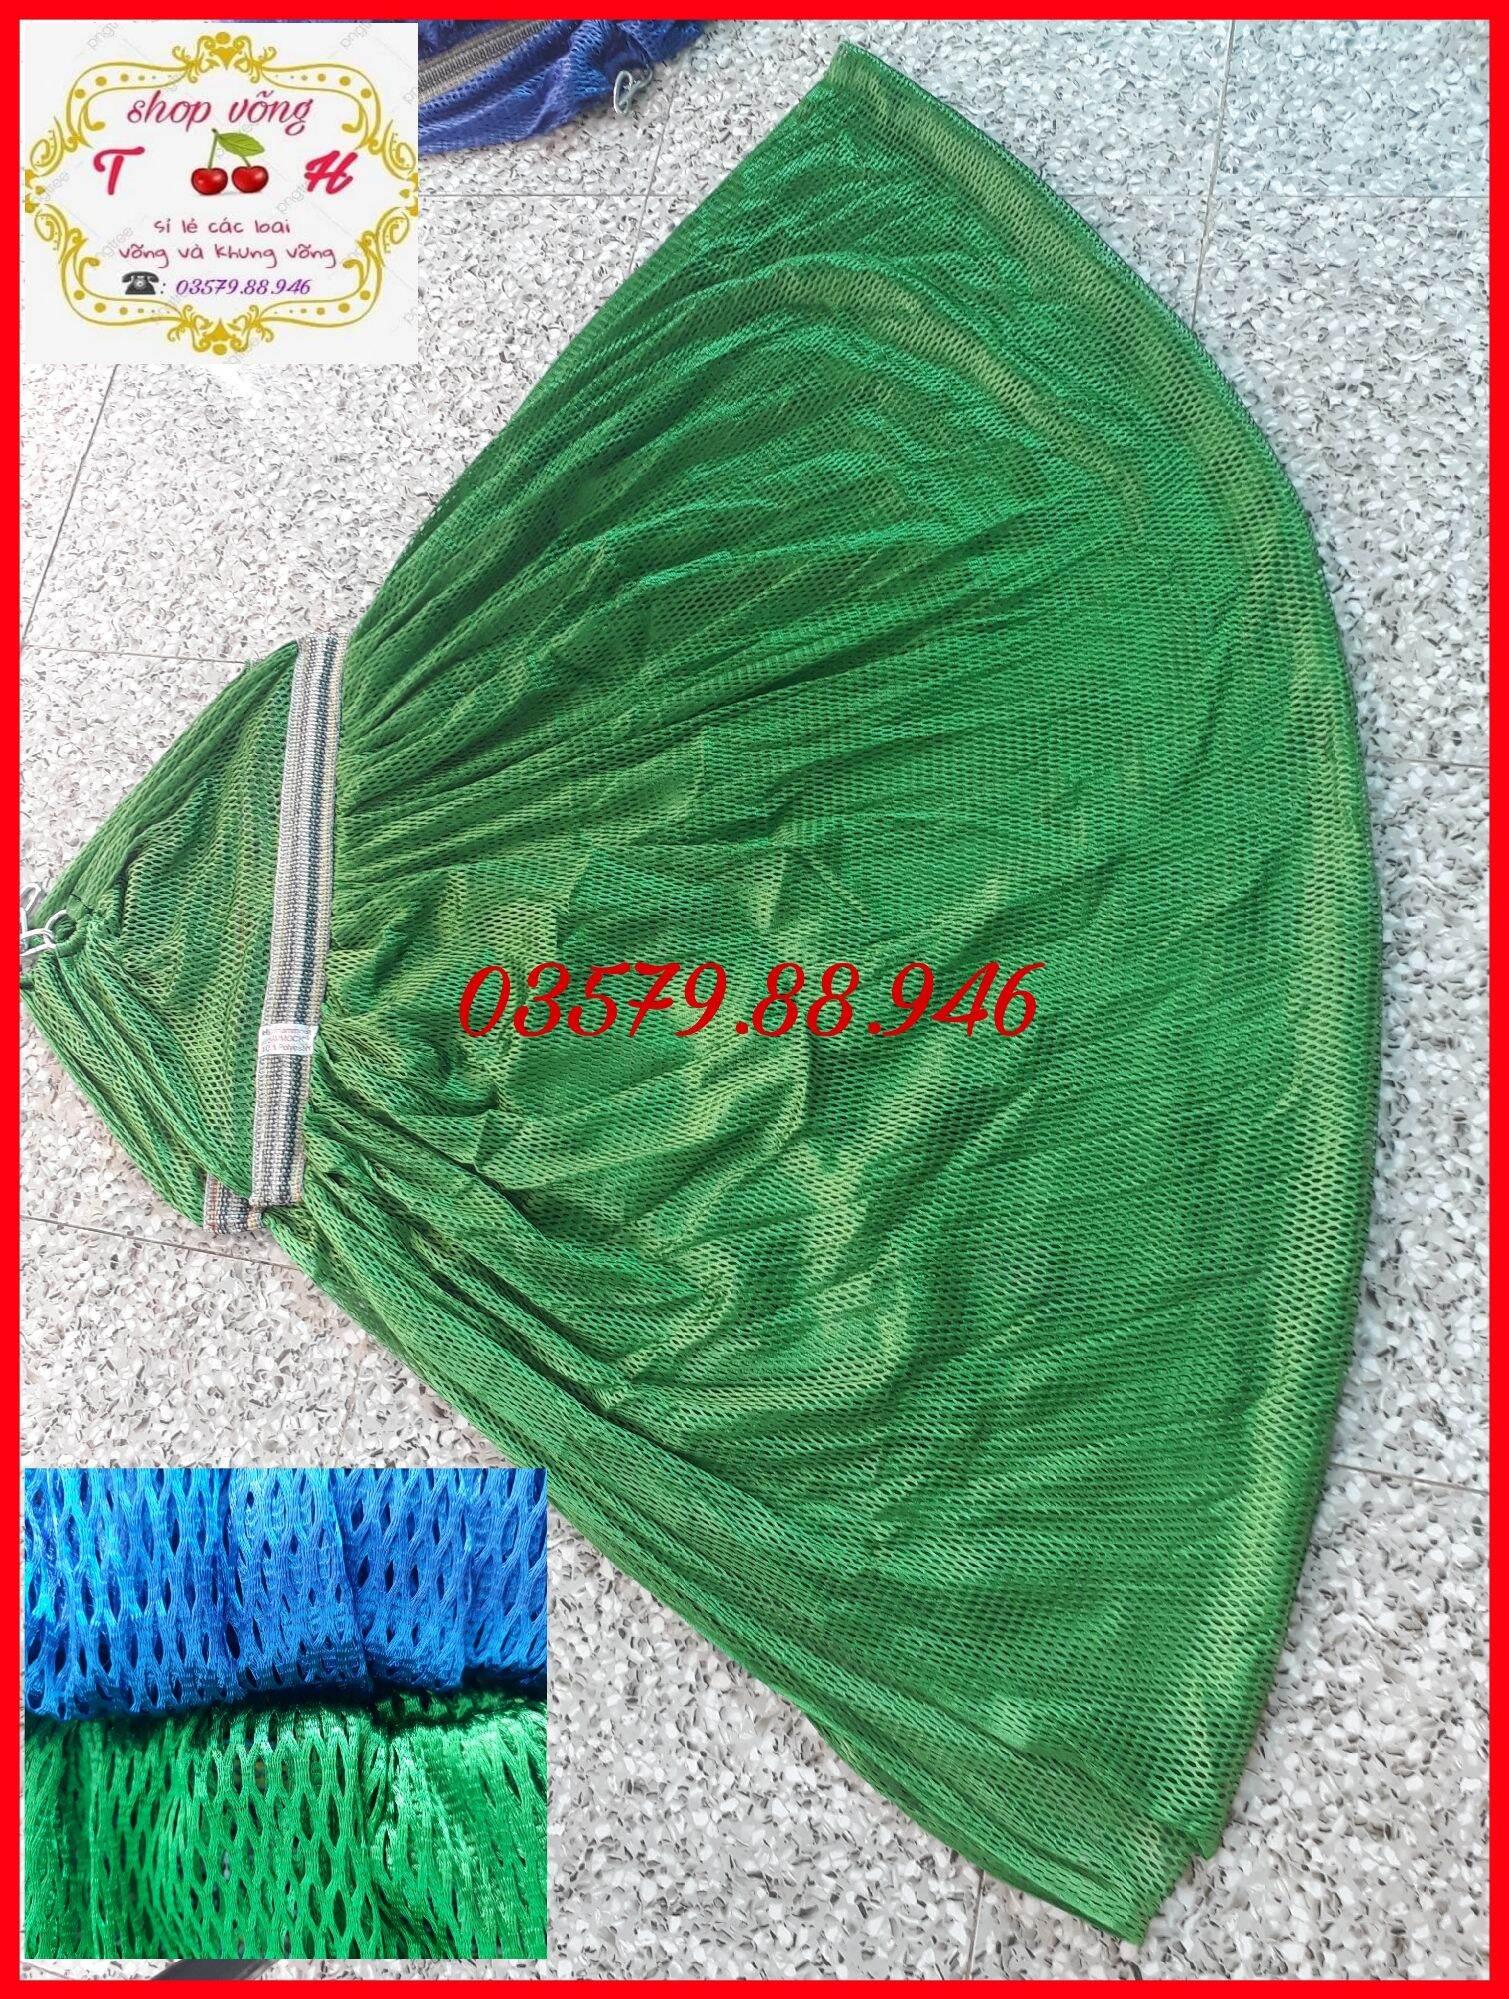 (sale) Võng lưới cán thép 2 lớp loại tốt, đầu cán 50cm thumbnail